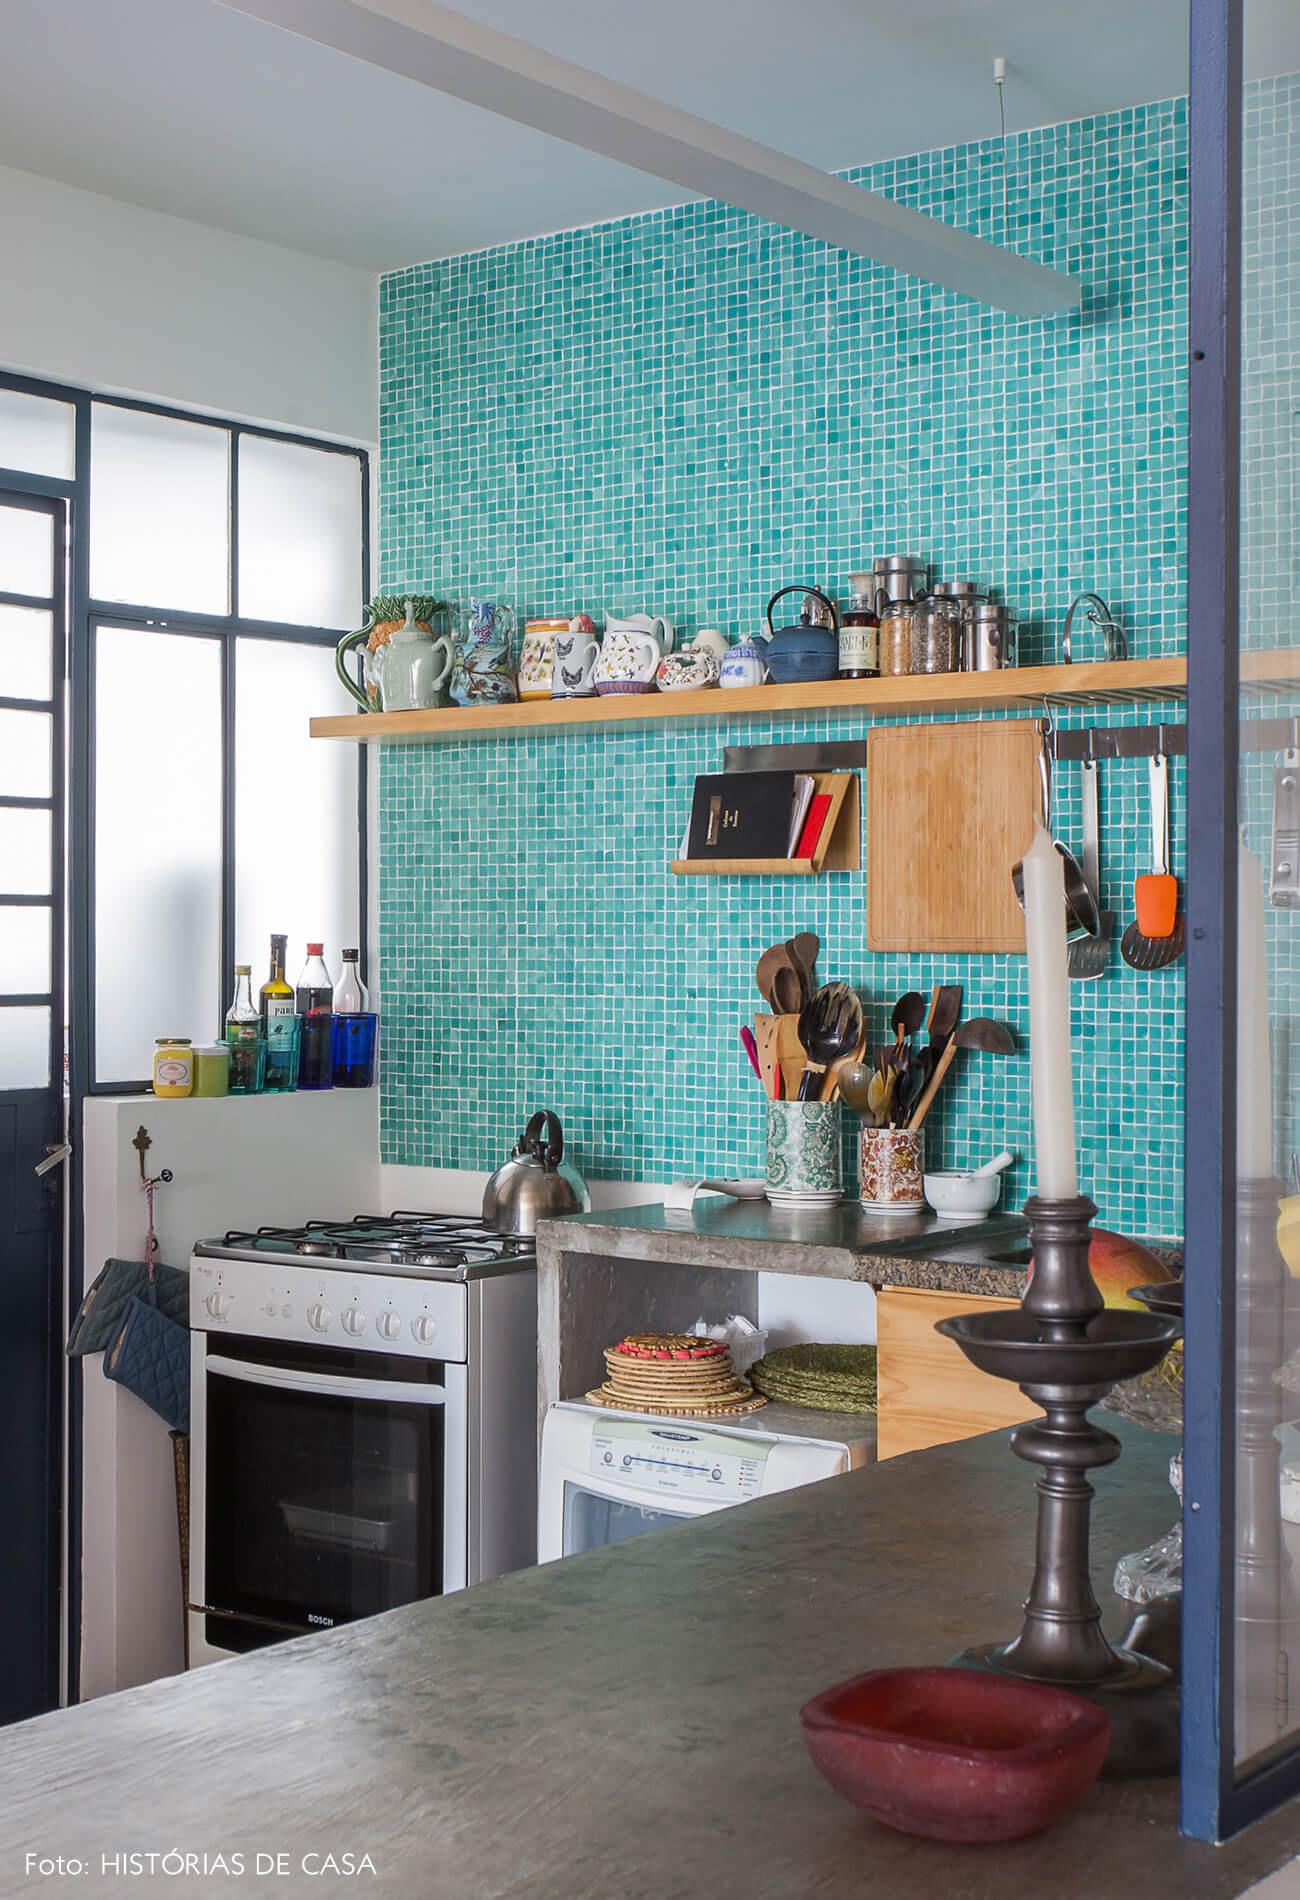 Cozinha com pastilhas coloridas na parede